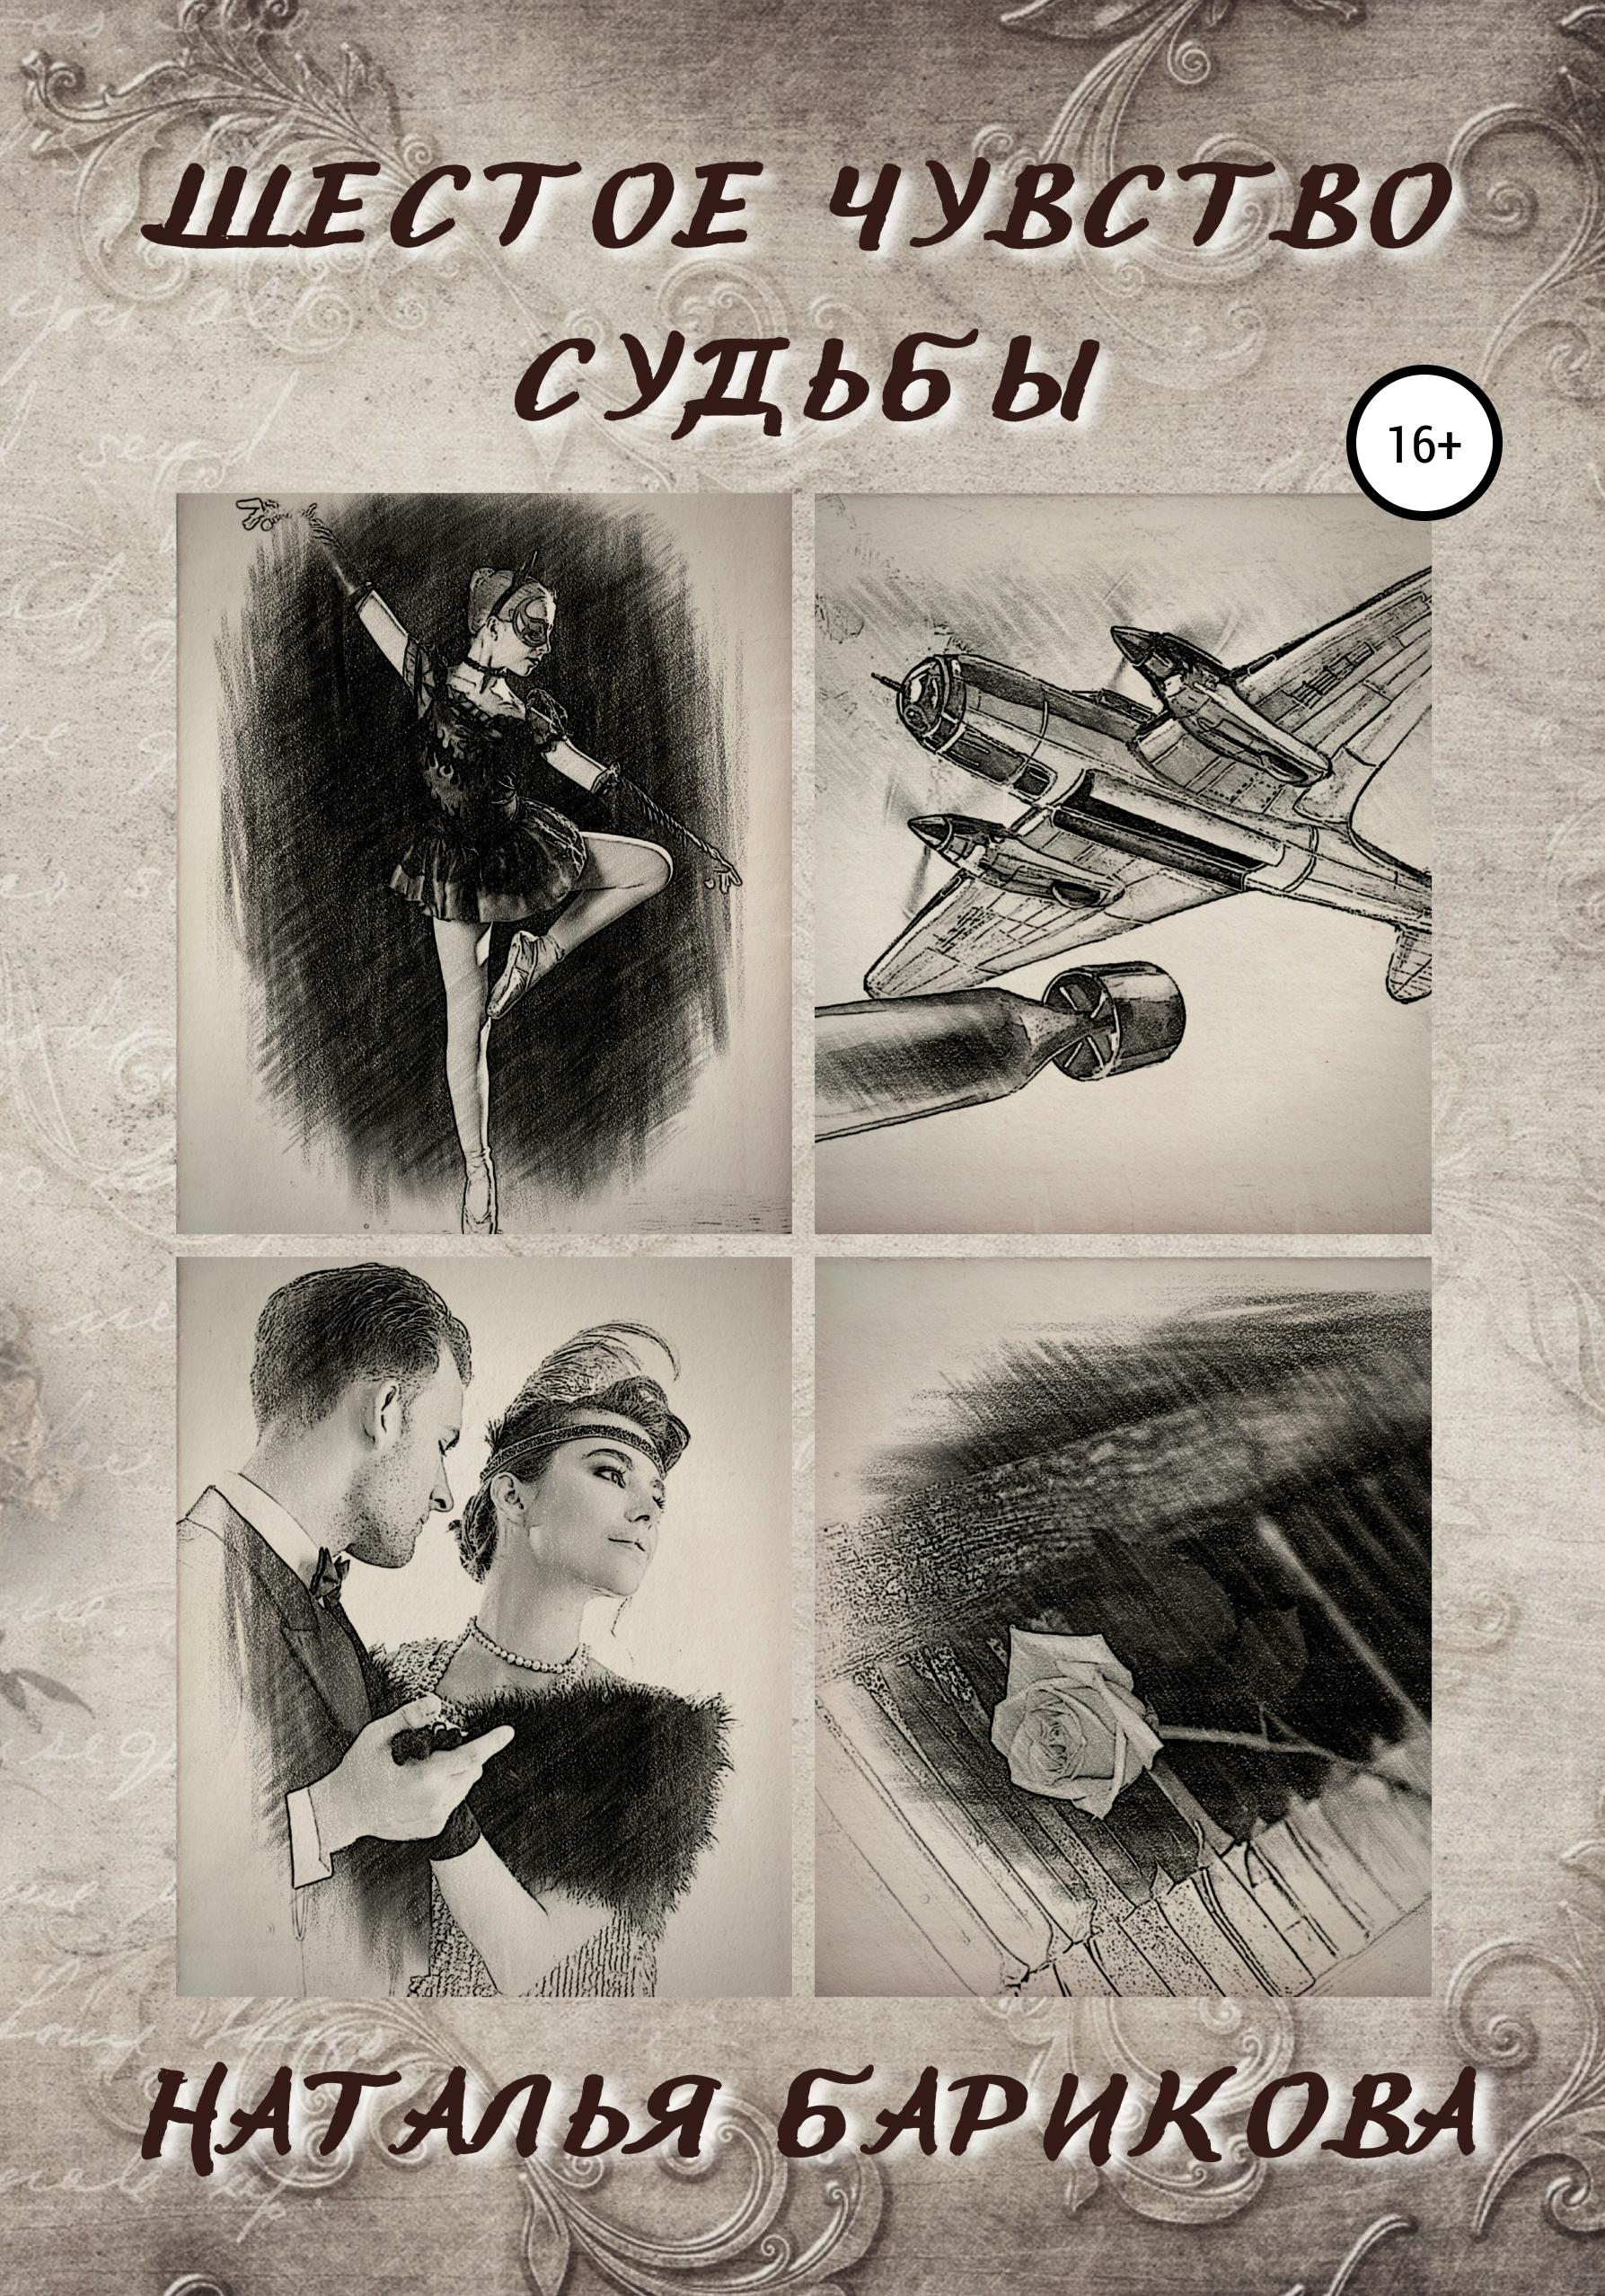 Купить книгу Шестое чувство судьбы, автора Натальи Бариковой